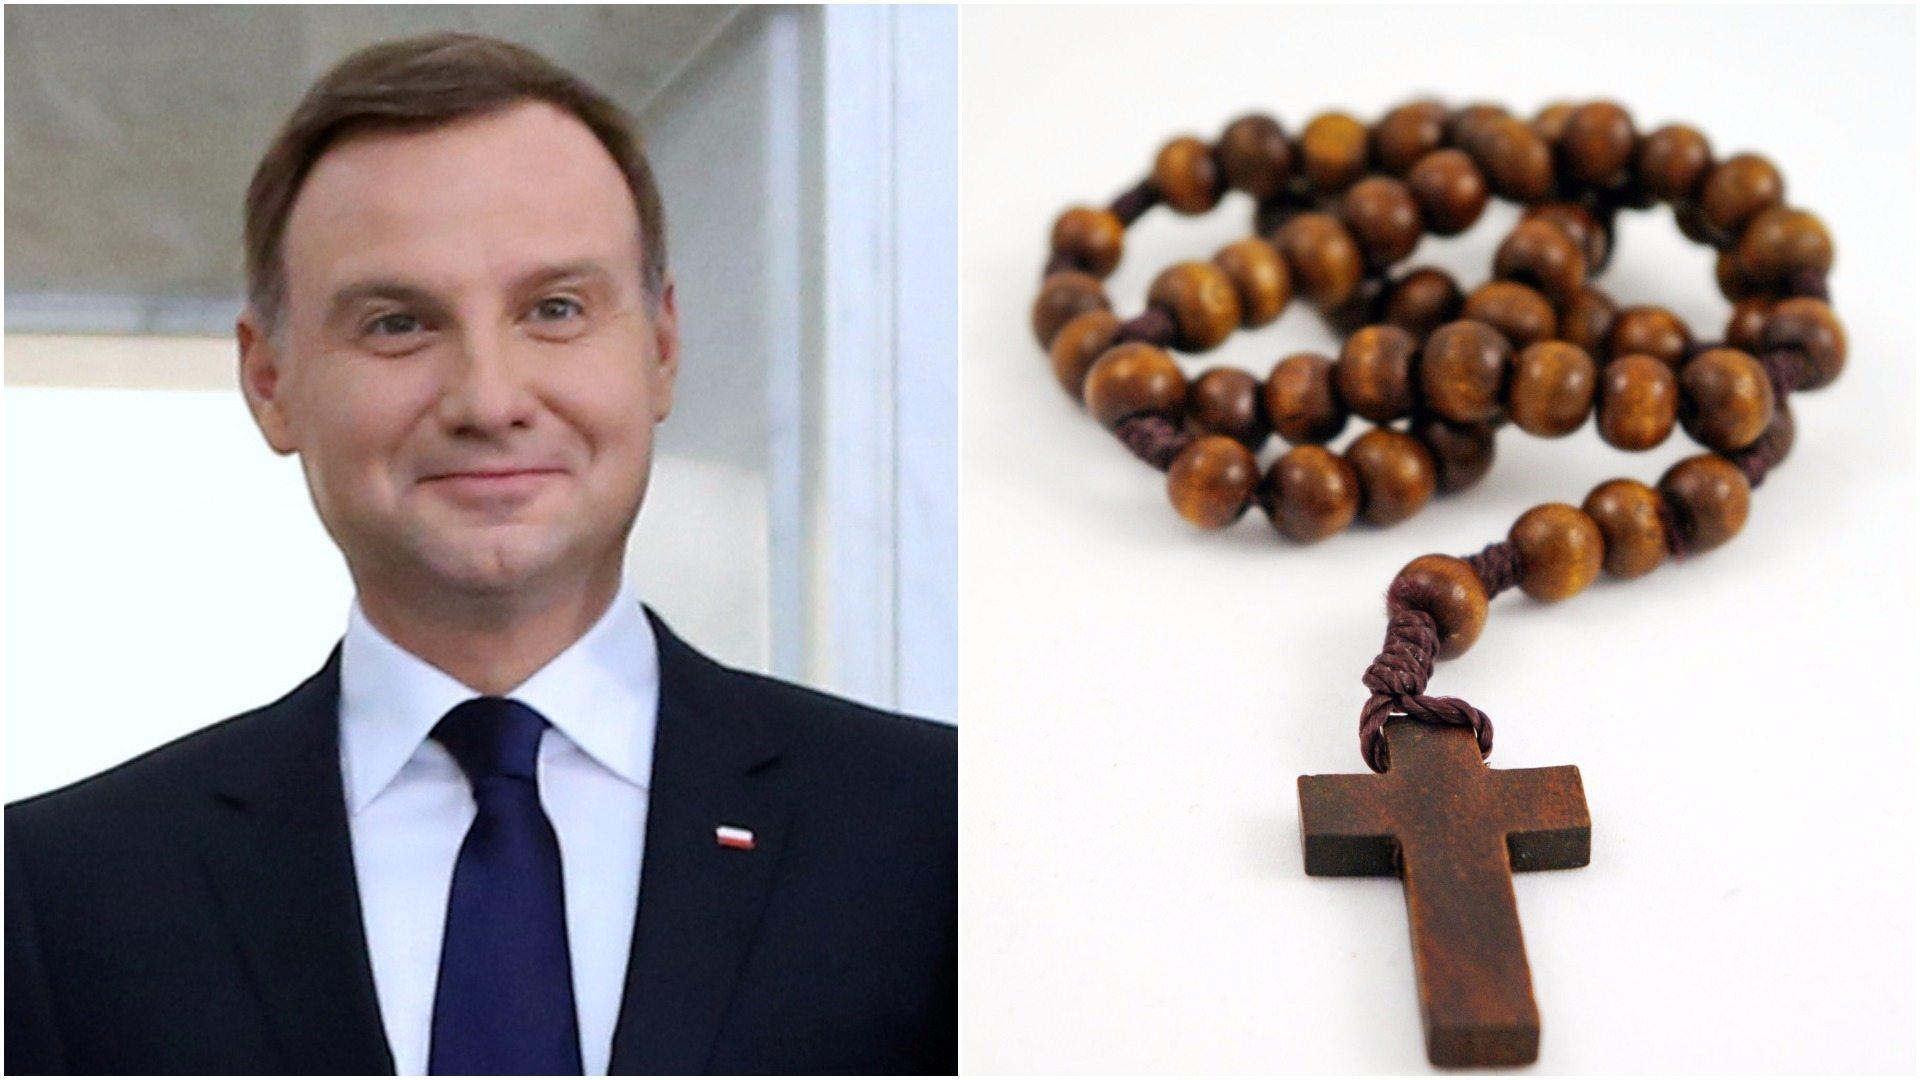 Kontrowersyjny artykuł o dzieciństwie Andrzeja Dudy. Prezydent odpowiada